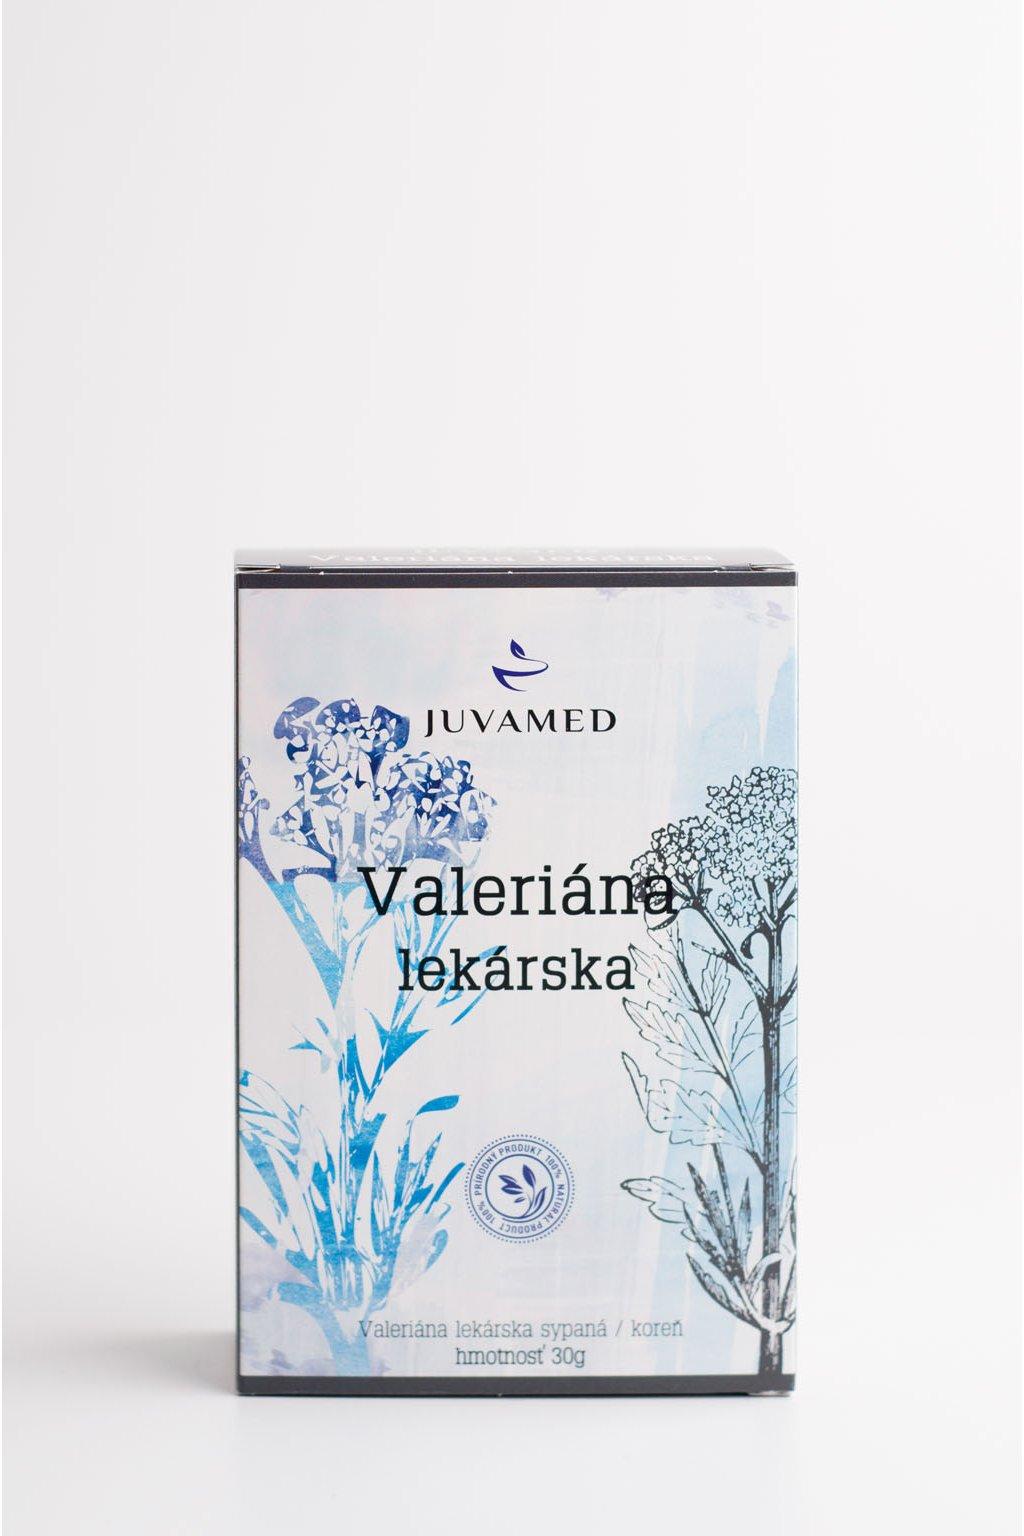 Valeriana lekárska - 30g